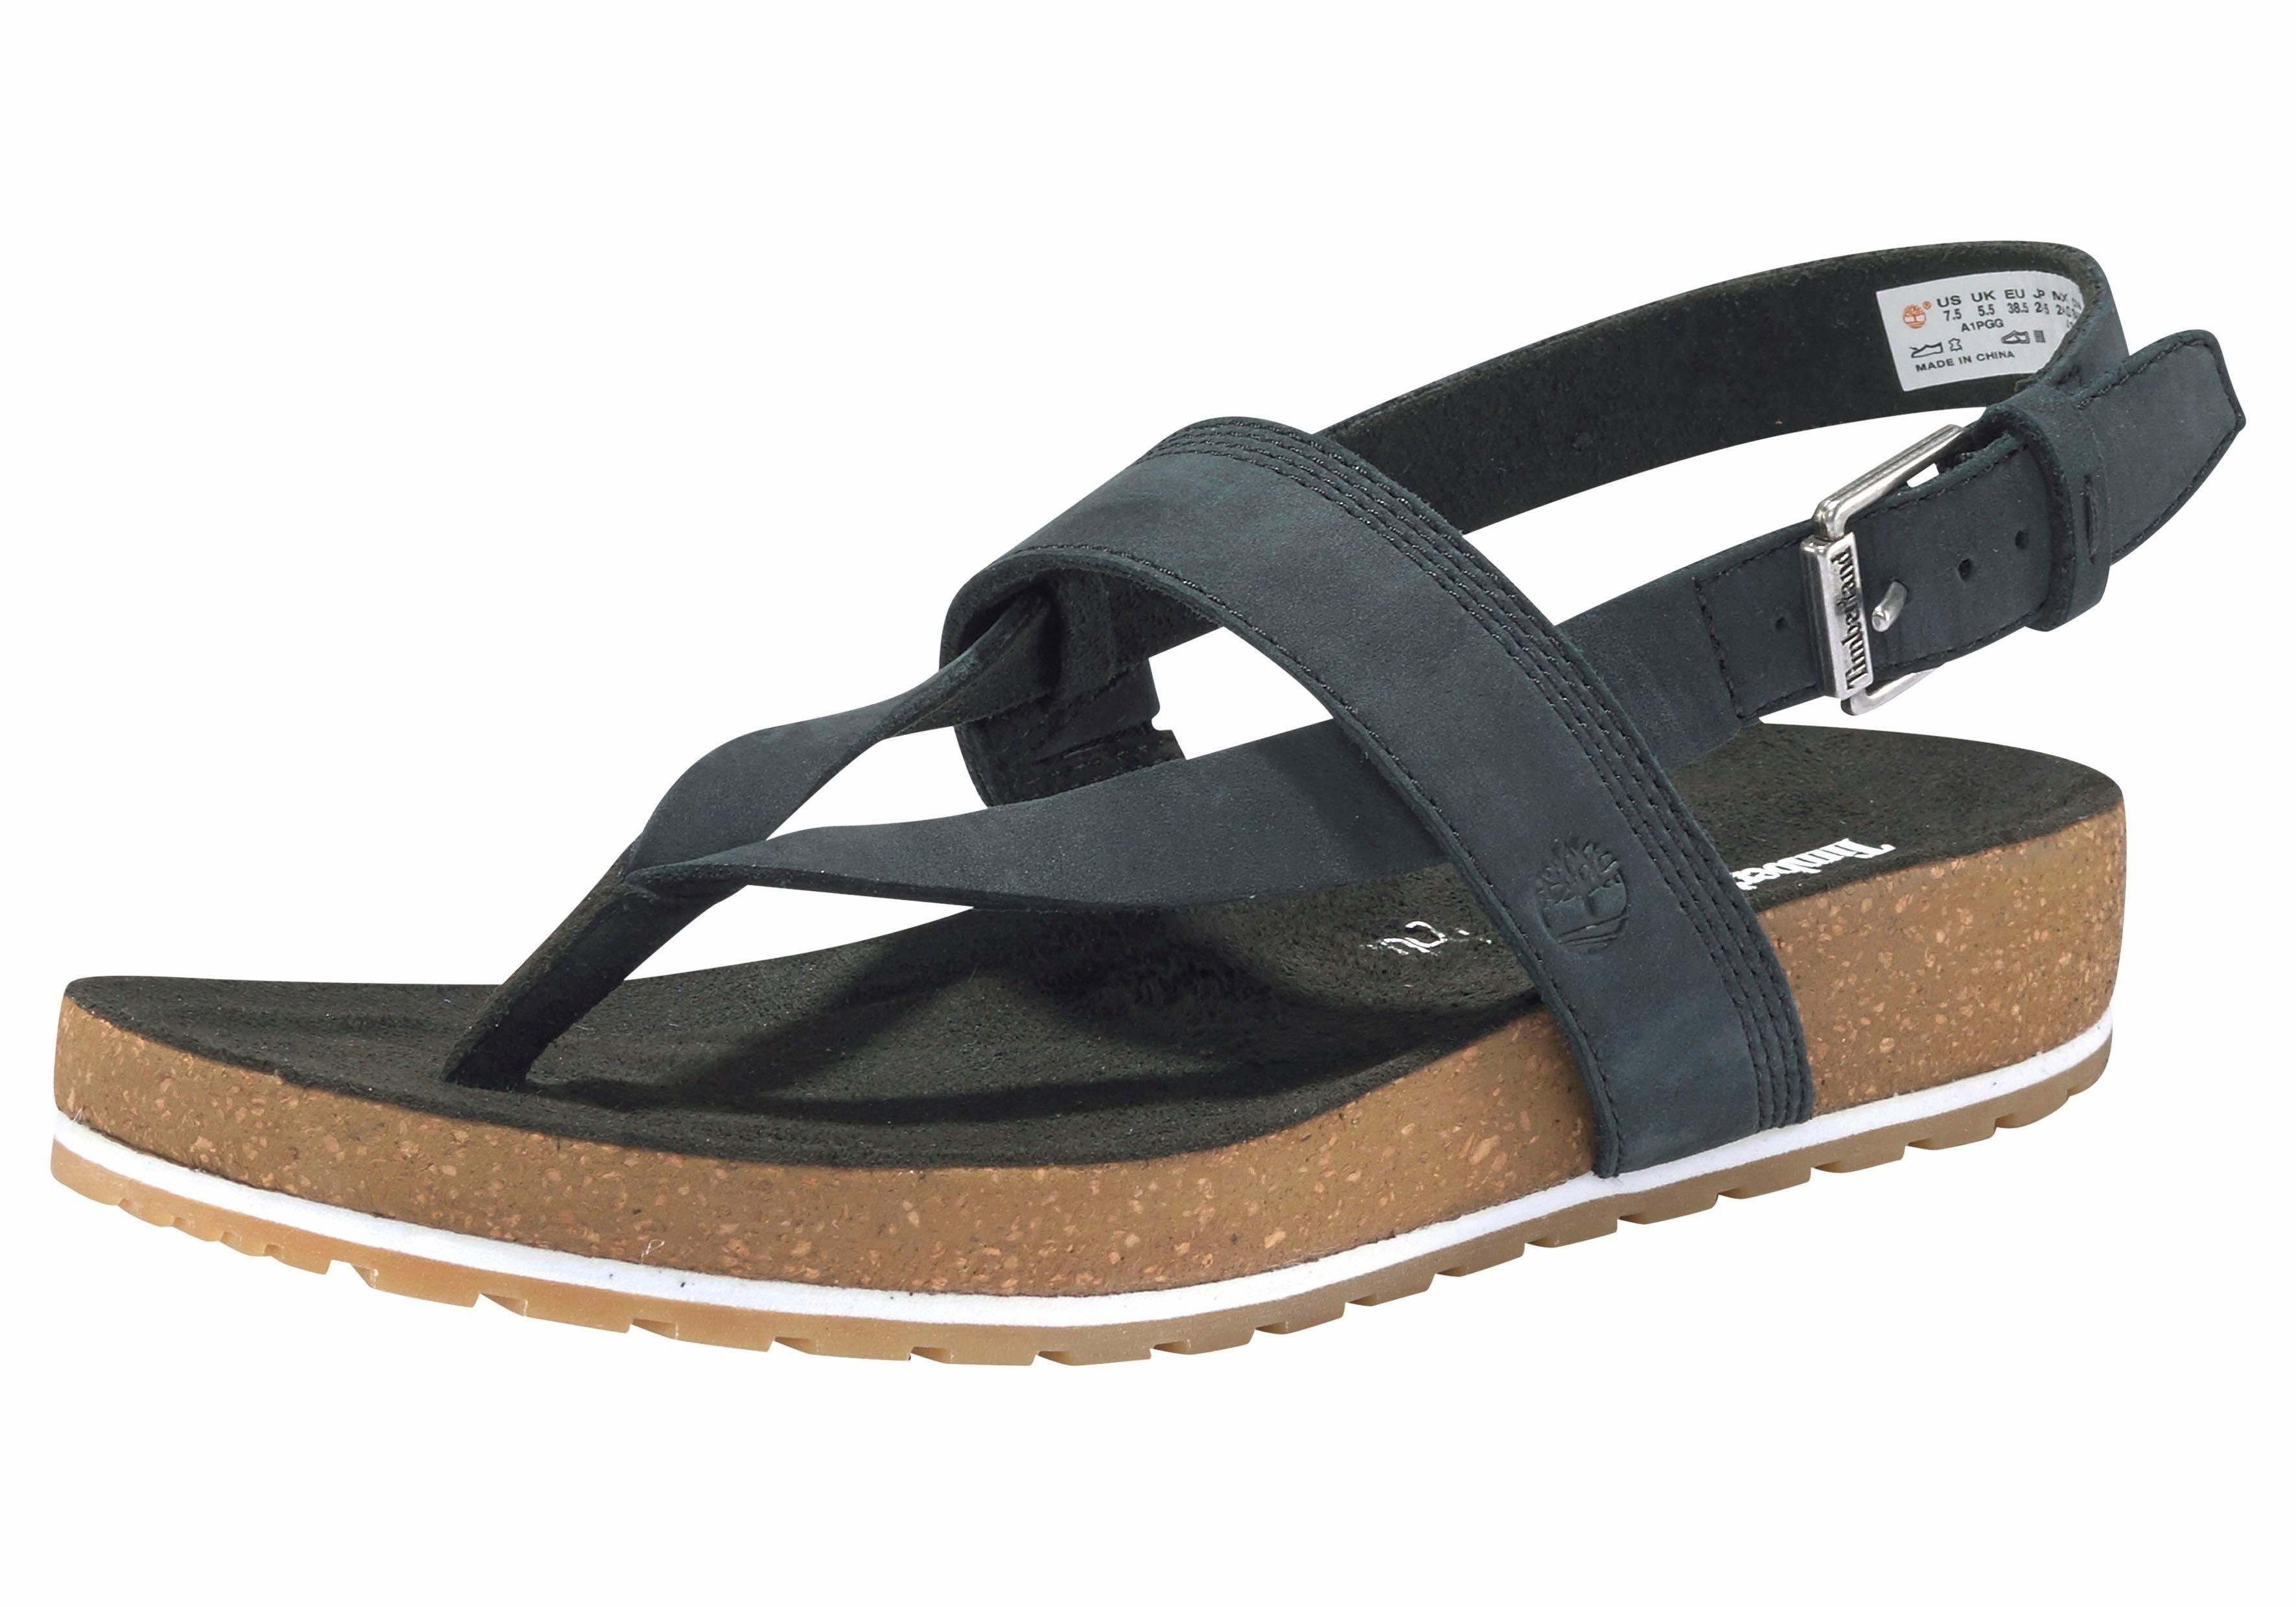 Timberland »Malibu Waves Thong« Sandale kaufen   OTTO